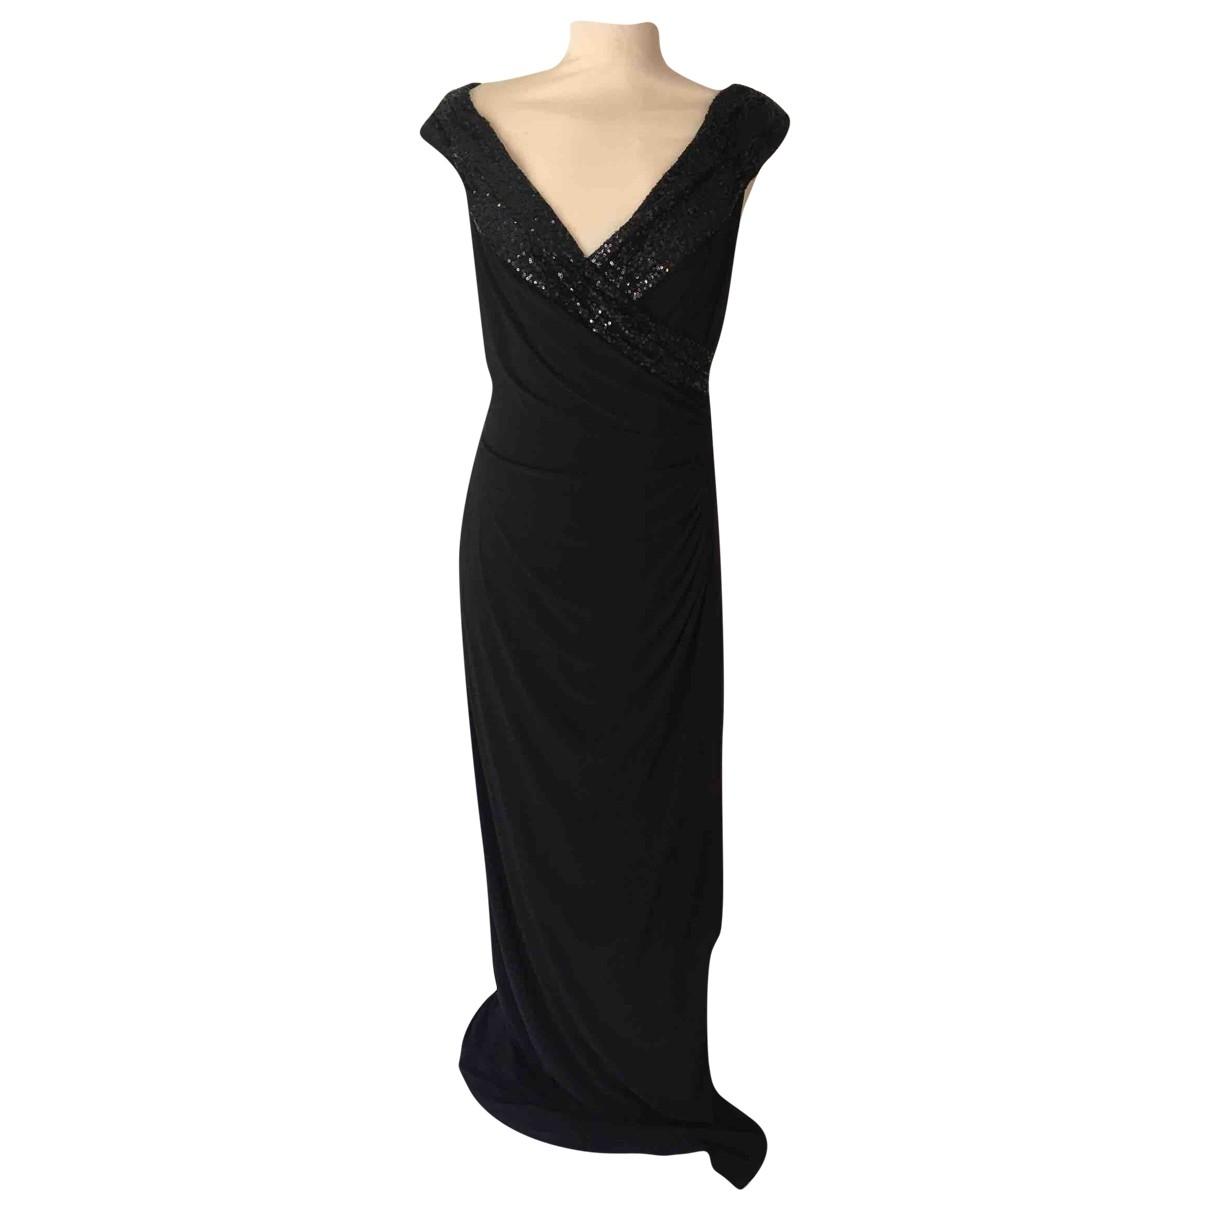 Lauren Ralph Lauren \N Black dress for Women 8 US